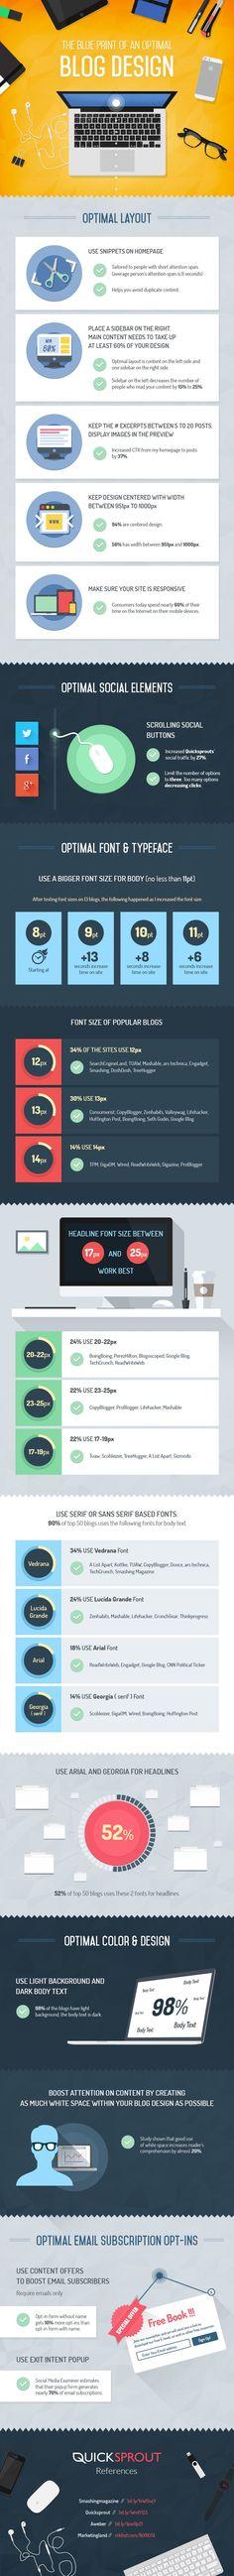 Slimme tips voor een optimaal blog design. http://marcommanager.nl/bloggen/optimaal-blog-design/